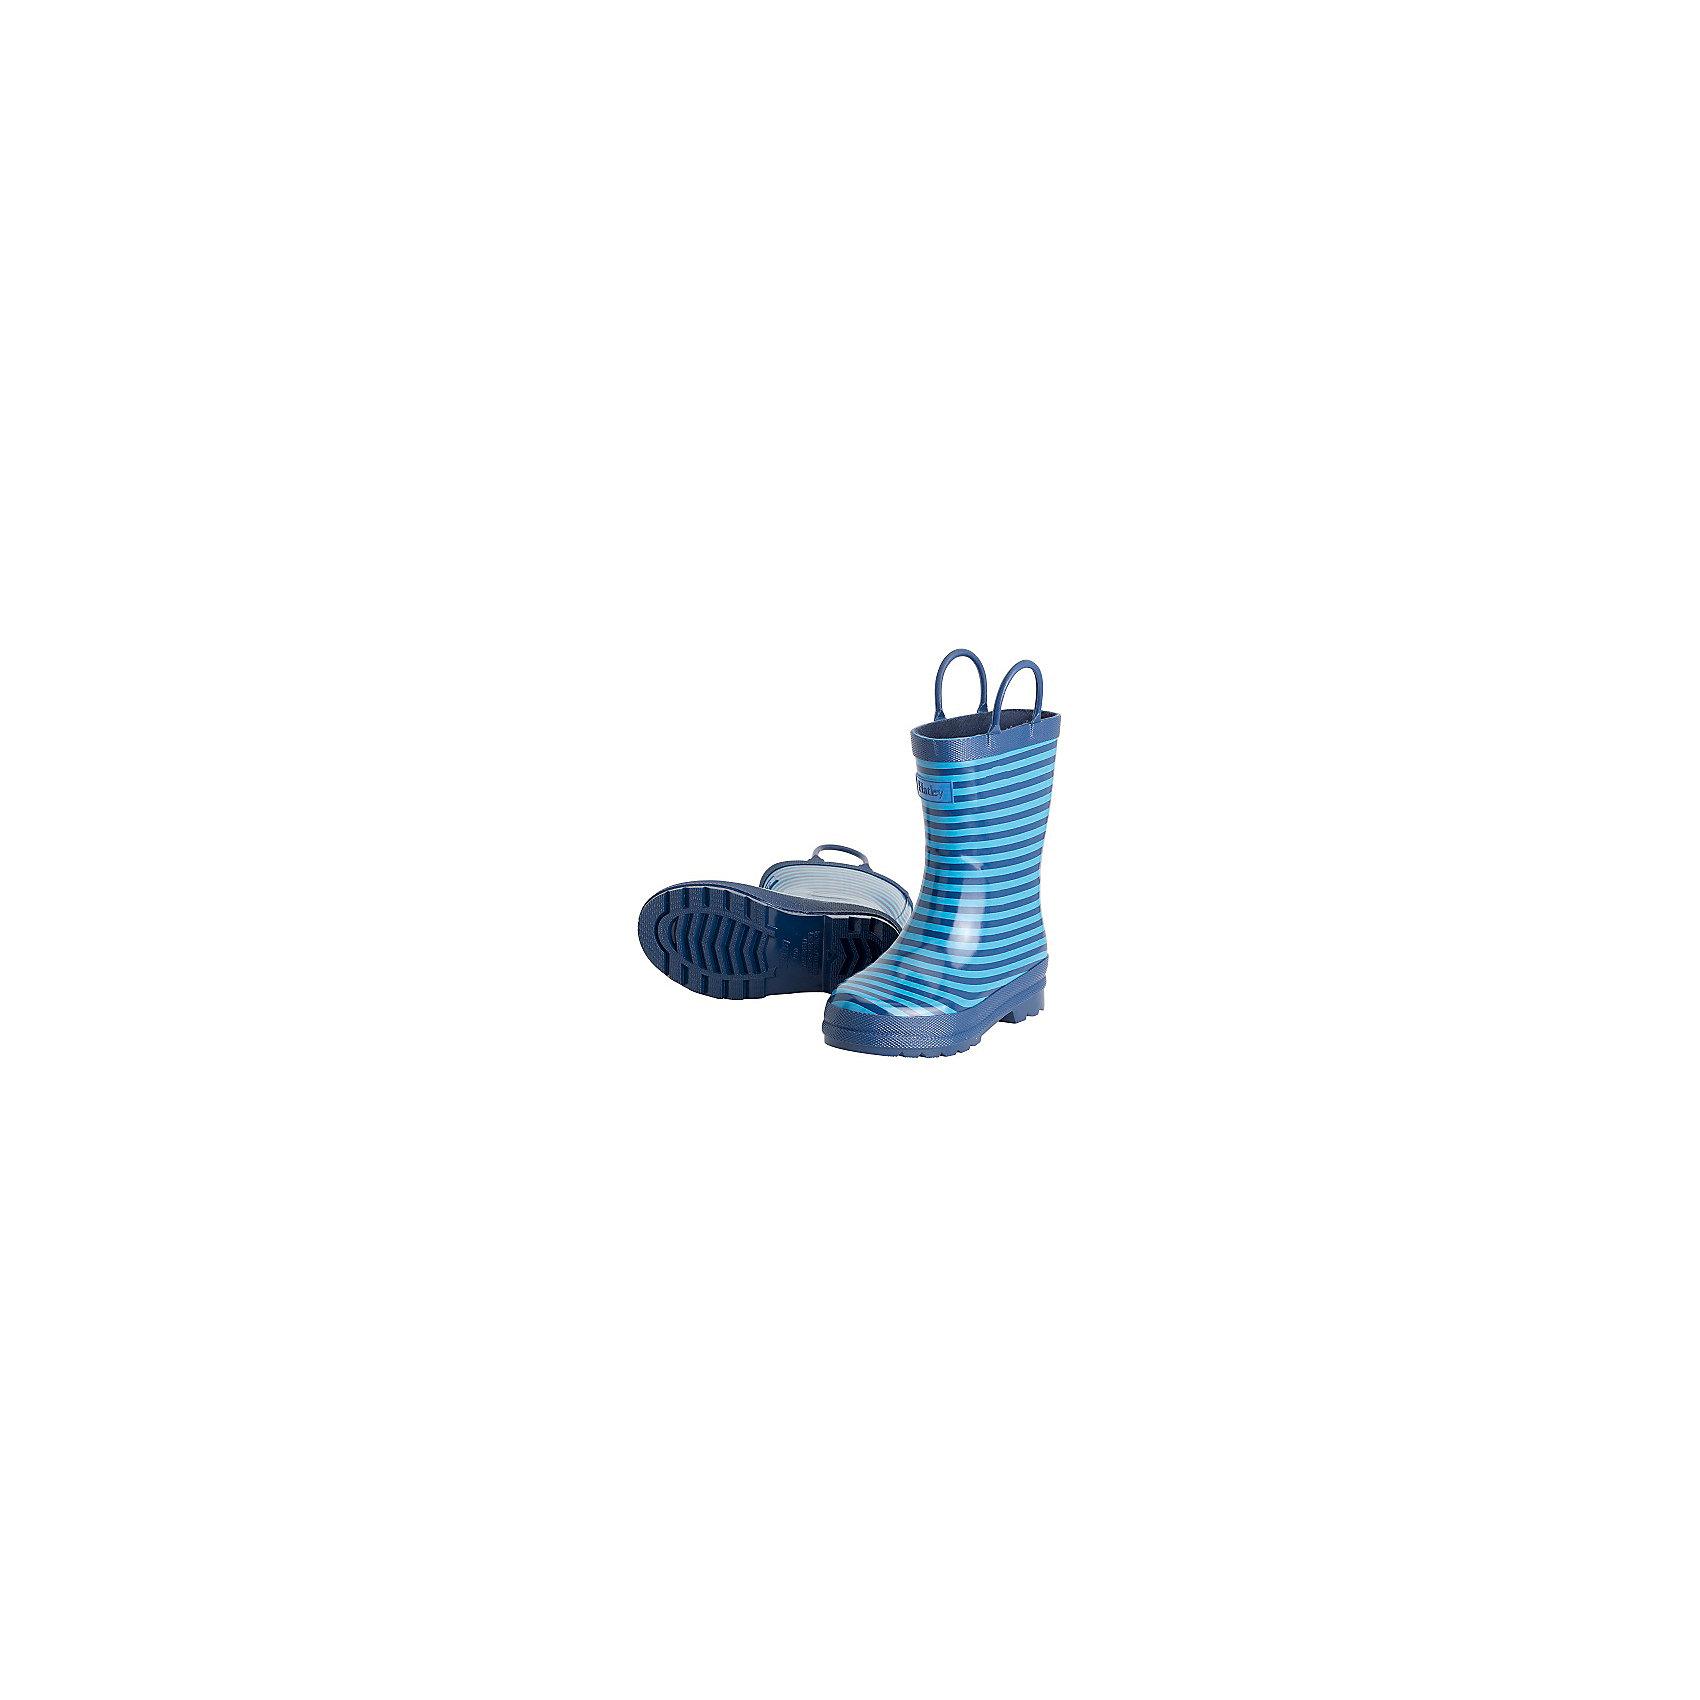 Резиновые сапоги для мальчика HatleyРезиновые сапоги<br>Резиновые сапоги для мальчика Hatley<br><br>Характеристики:<br><br>• Состав: верх - каучук синтетический 100%, подкладка - 100% хлопок<br>• Цвет: голубой<br><br>Яркие, стильные и модные резиновые сапоги для мальчика сделаны из высококачественных материалов. Резина сока каучуковых деревьев не даст ножкам промокнуть, а хлопковая подкладка защитит от холода. Внутри есть стелька с аркой, которая способствует правильному формированию стопы. По бокам есть удобные ручки. <br><br>Резиновые сапоги для мальчика Hatley можно купить в нашем интернет-магазине.<br><br>Ширина мм: 237<br>Глубина мм: 180<br>Высота мм: 152<br>Вес г: 438<br>Цвет: синий<br>Возраст от месяцев: 15<br>Возраст до месяцев: 18<br>Пол: Мужской<br>Возраст: Детский<br>Размер: 22,24,32,35,34,23,30<br>SKU: 5020888